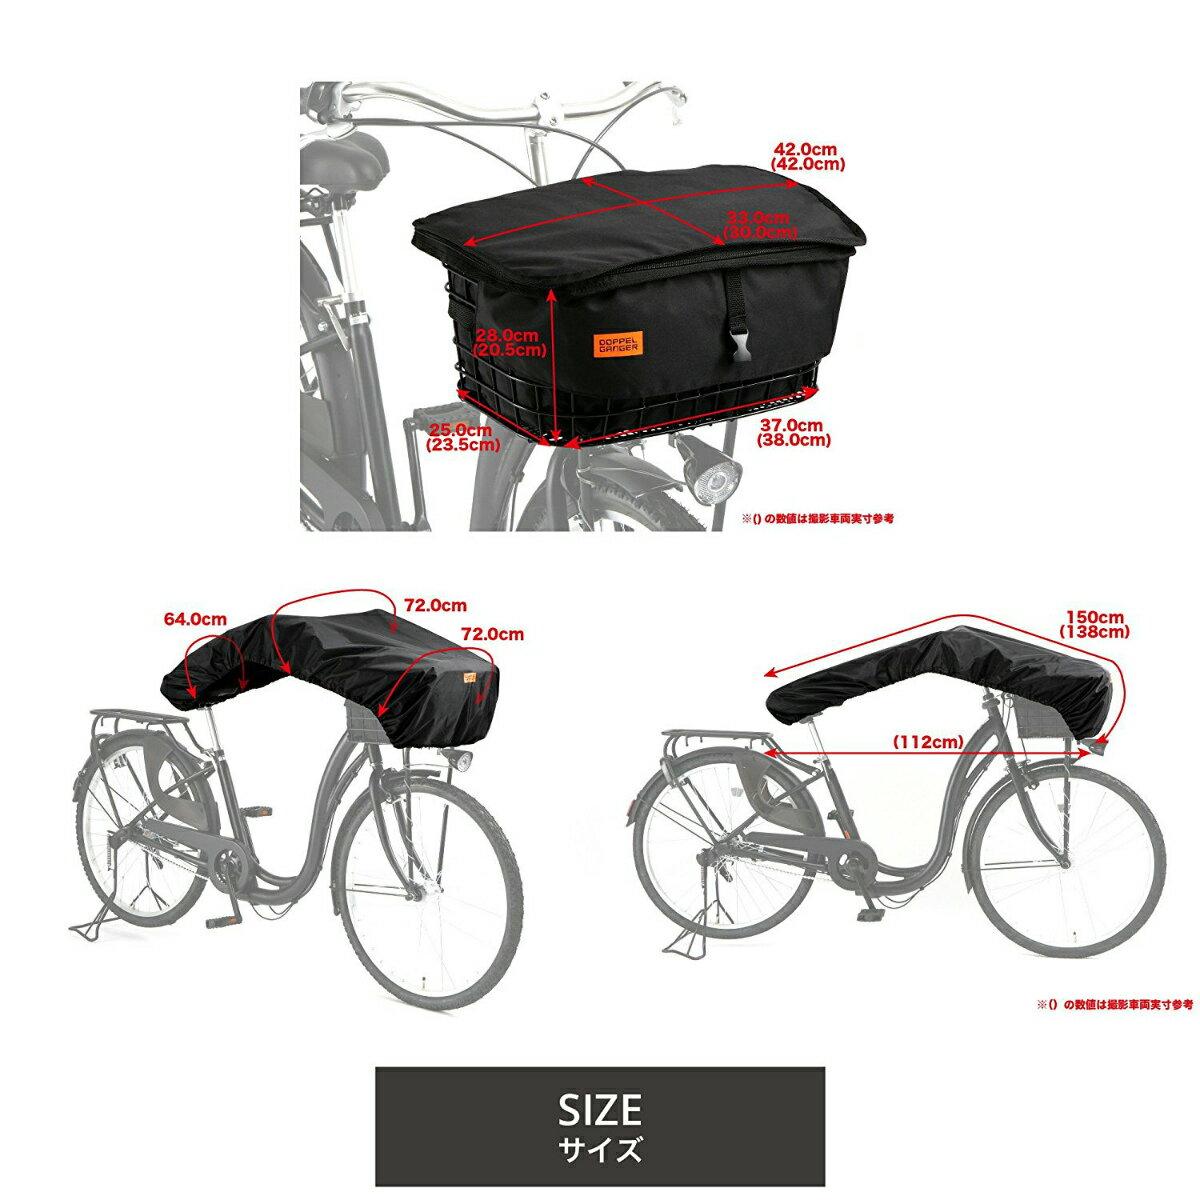 【4589946138917】【ドッペルギャンガー】 フロントバスケットカバー 自転車カバー内蔵 【DOPDBF457BK】